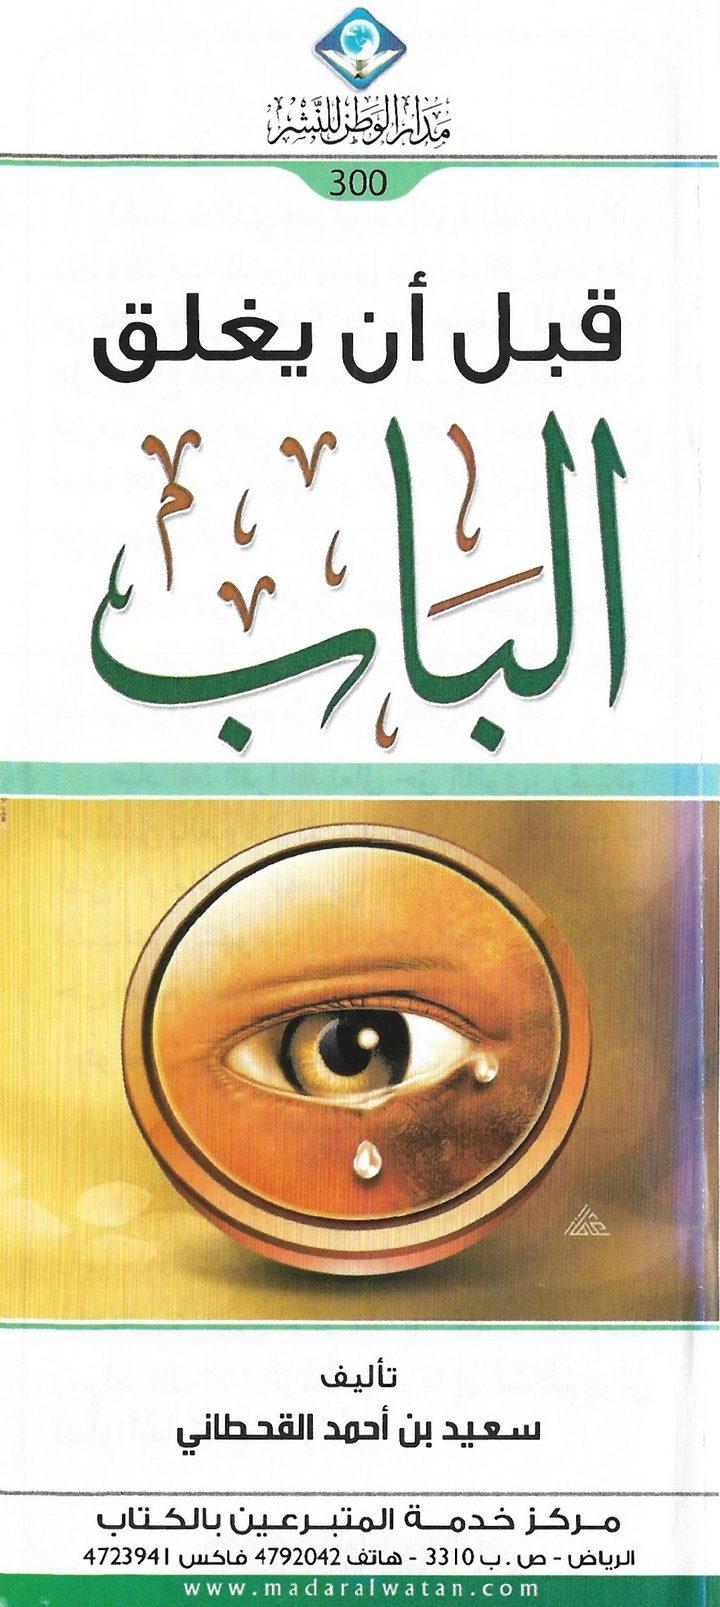 قبل أن يغلق الباب (سعيد بن أحمد القحطاني – مدار الوطن للنشر)